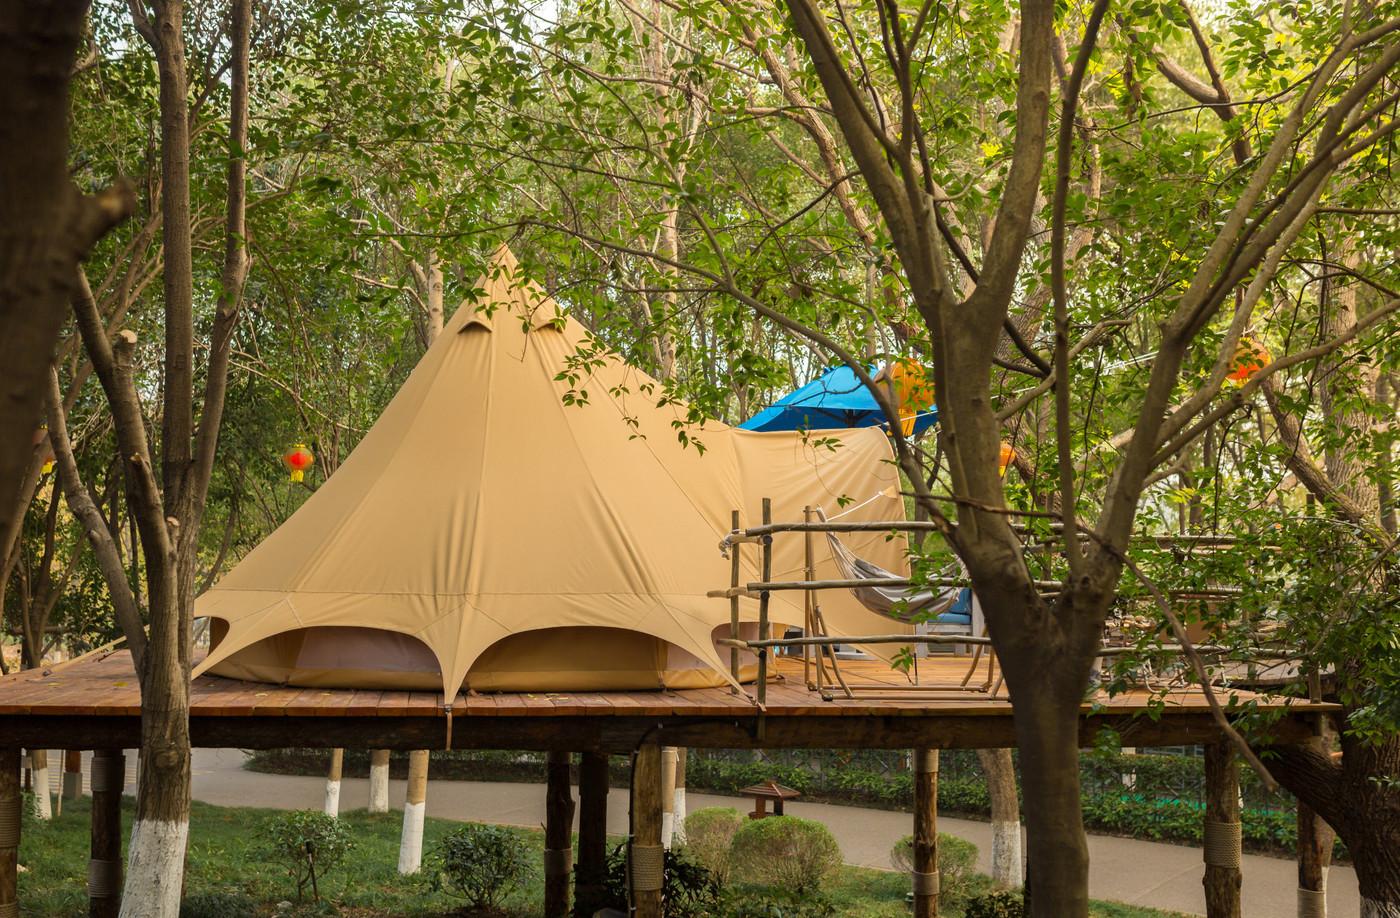 喜马拉雅野奢帐篷酒店—江苏常州天目湖树屋帐篷酒店23